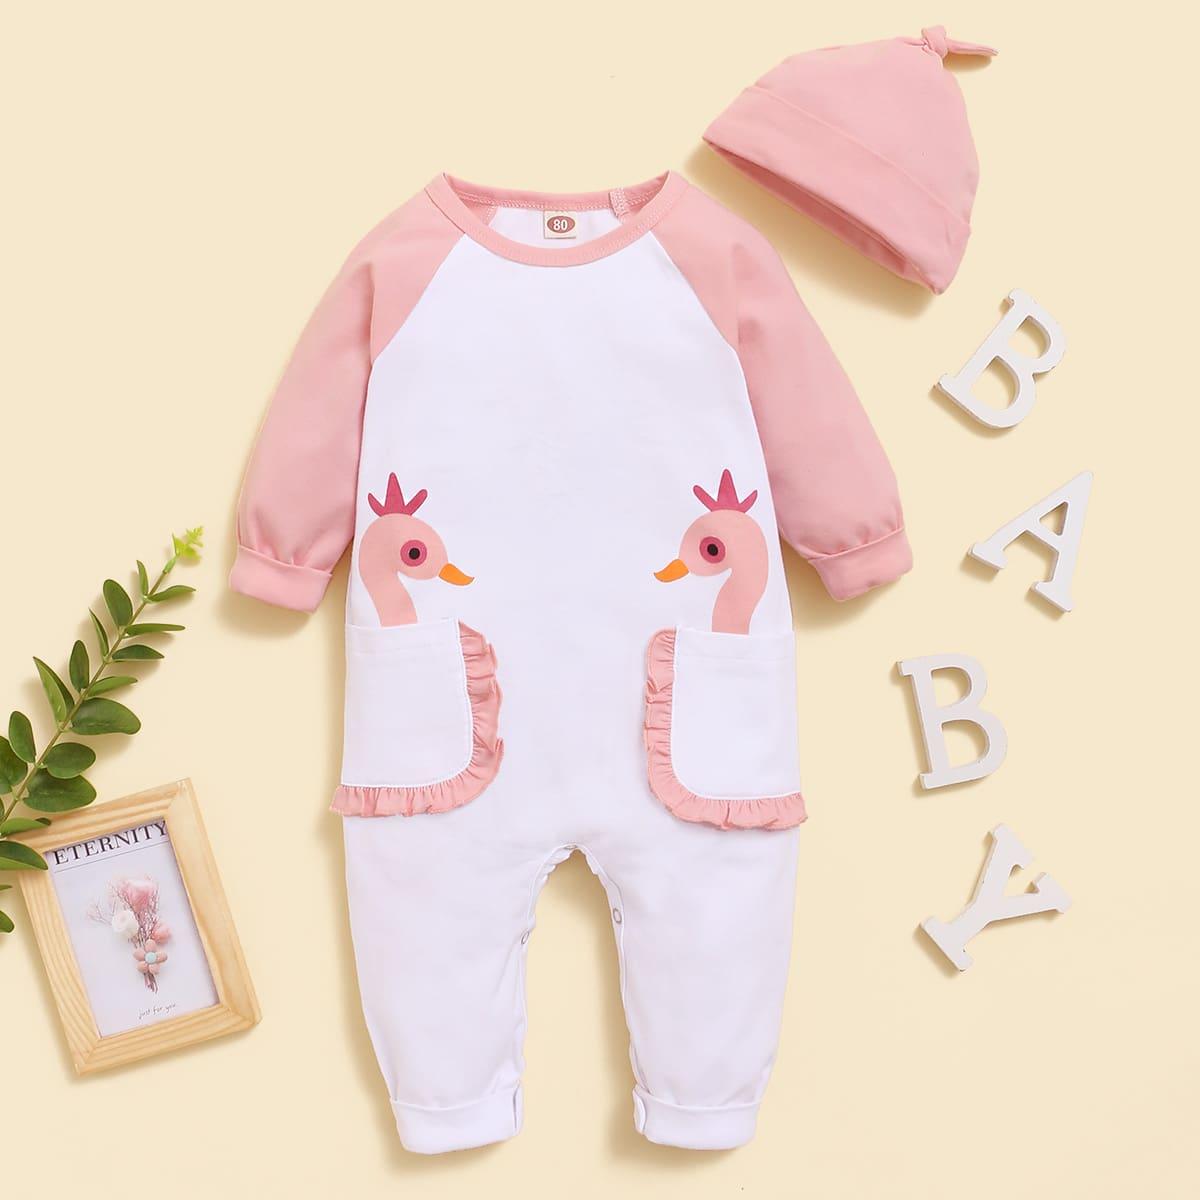 С карманами мультяшный принт повседневный комбинезоны для малышей